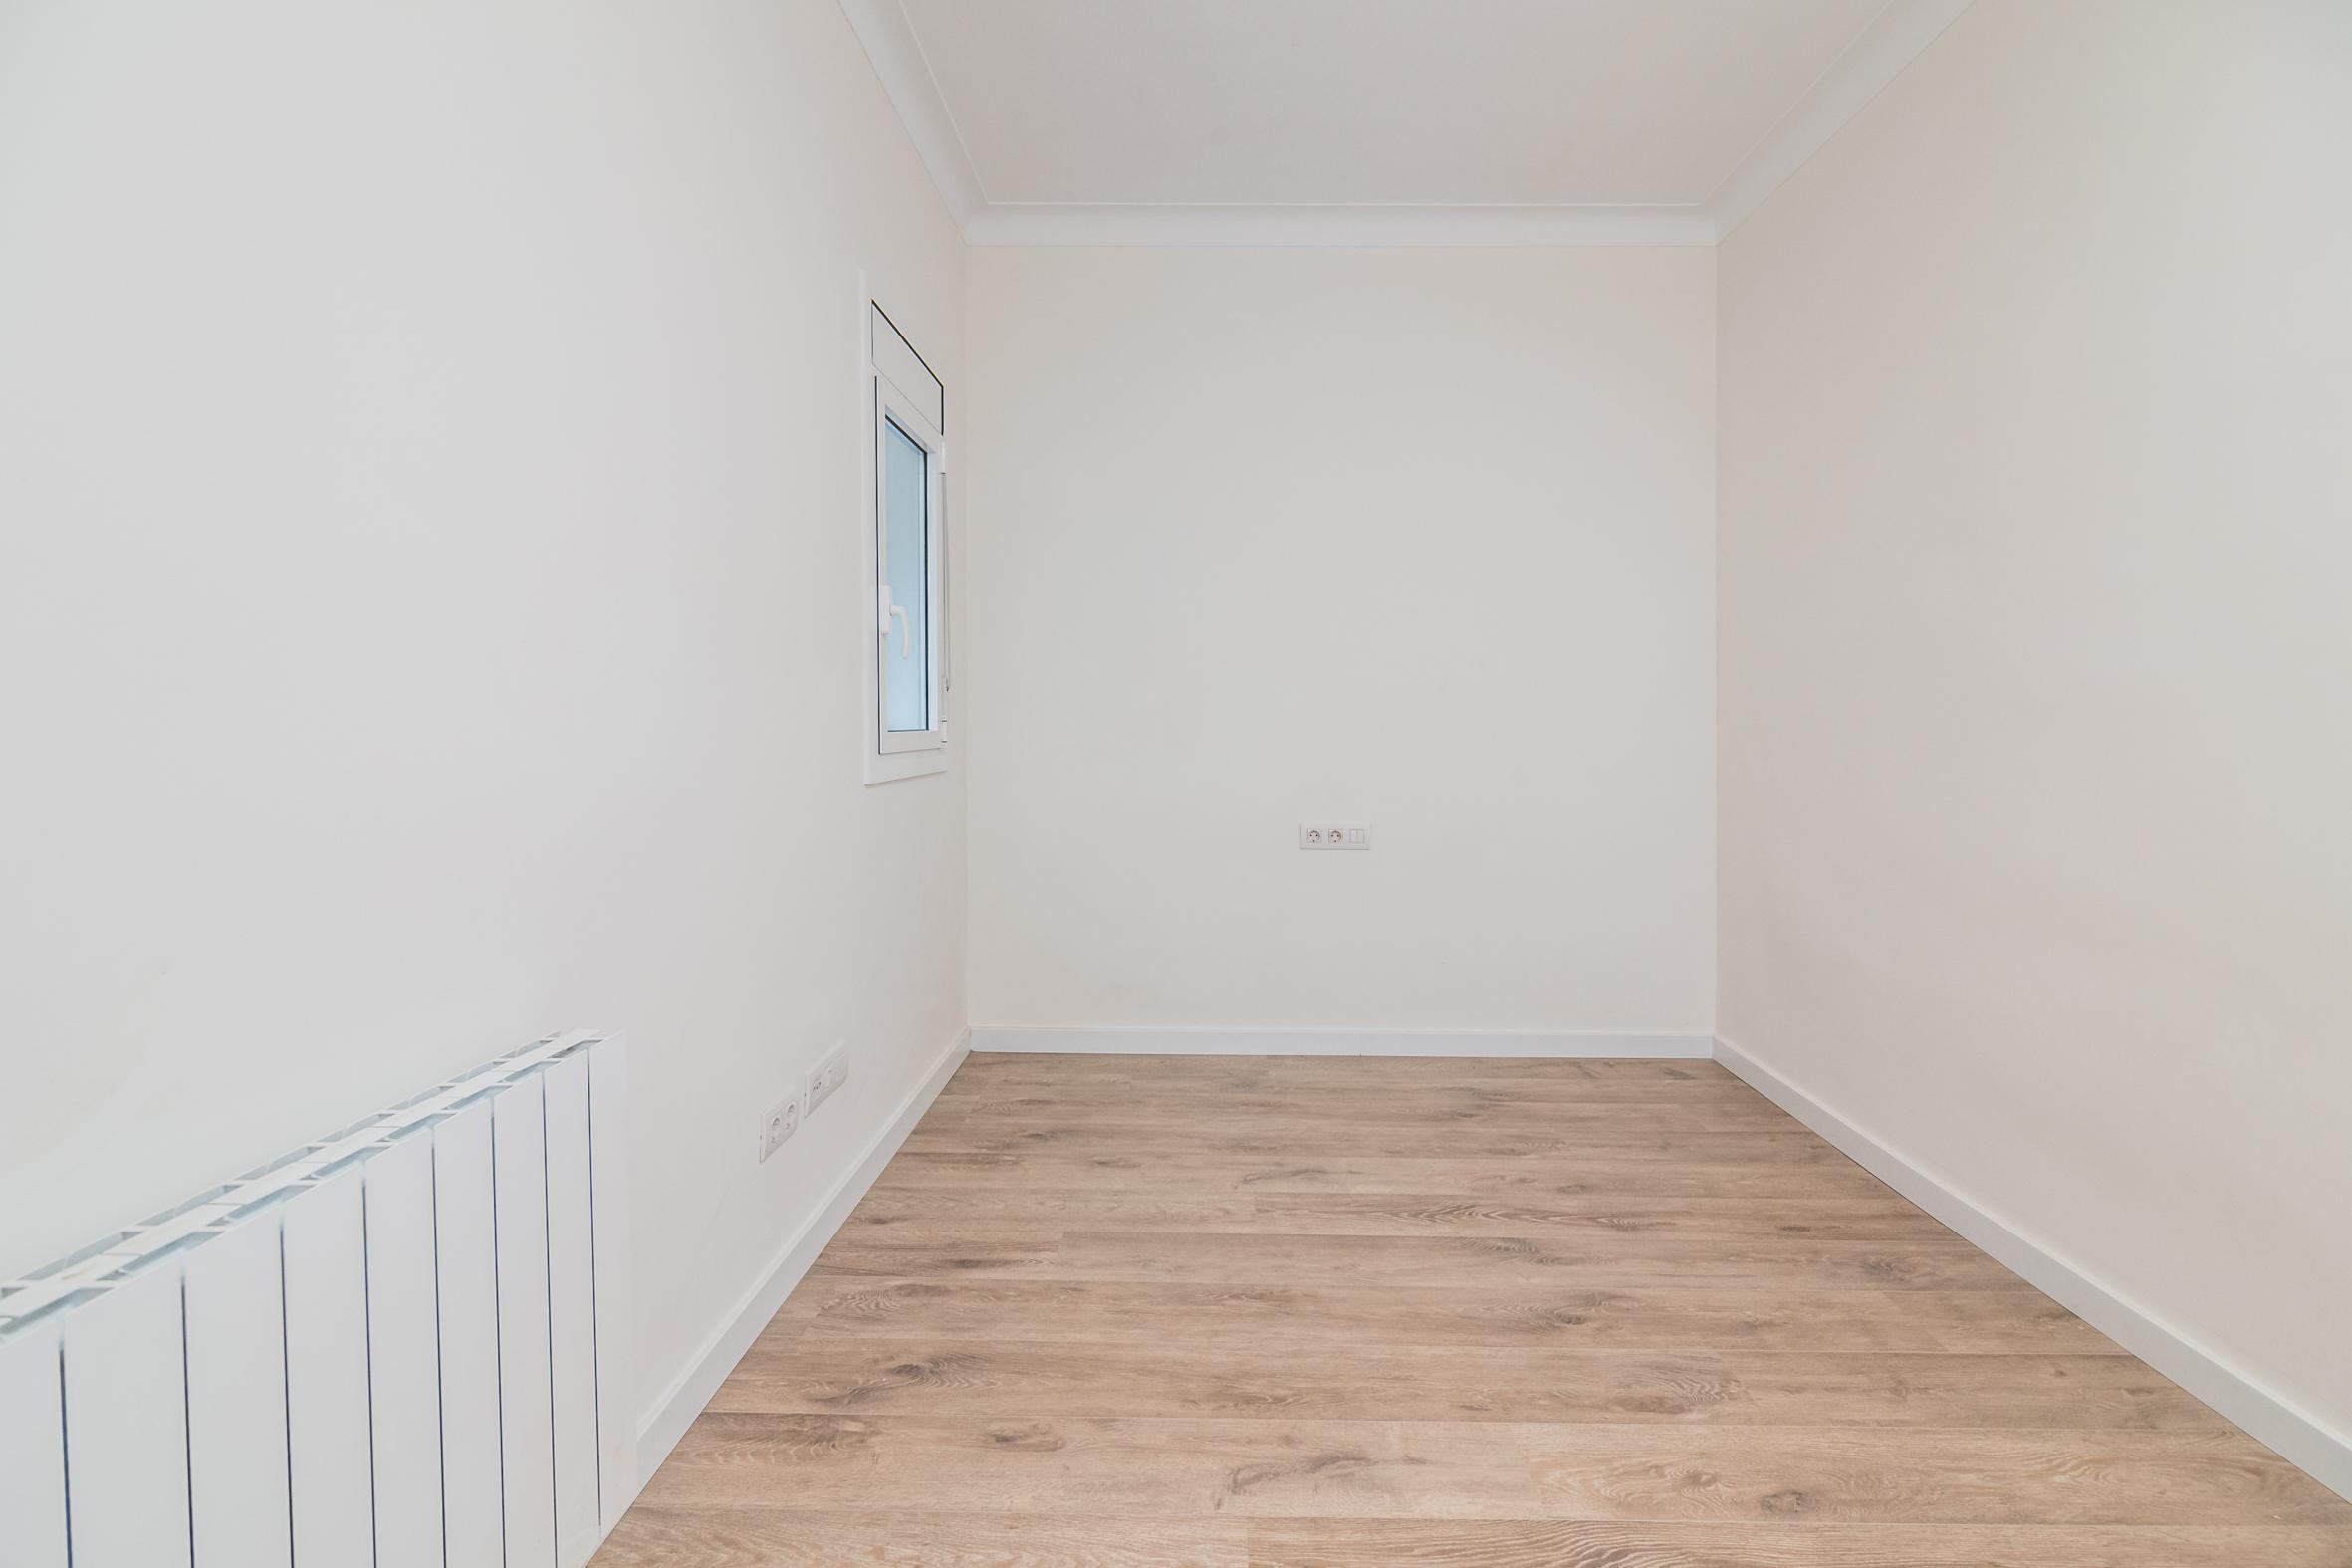 202959 Apartamento en venda en Sarrià-Sant Gervasi, St. Gervasi-Bonanova 14